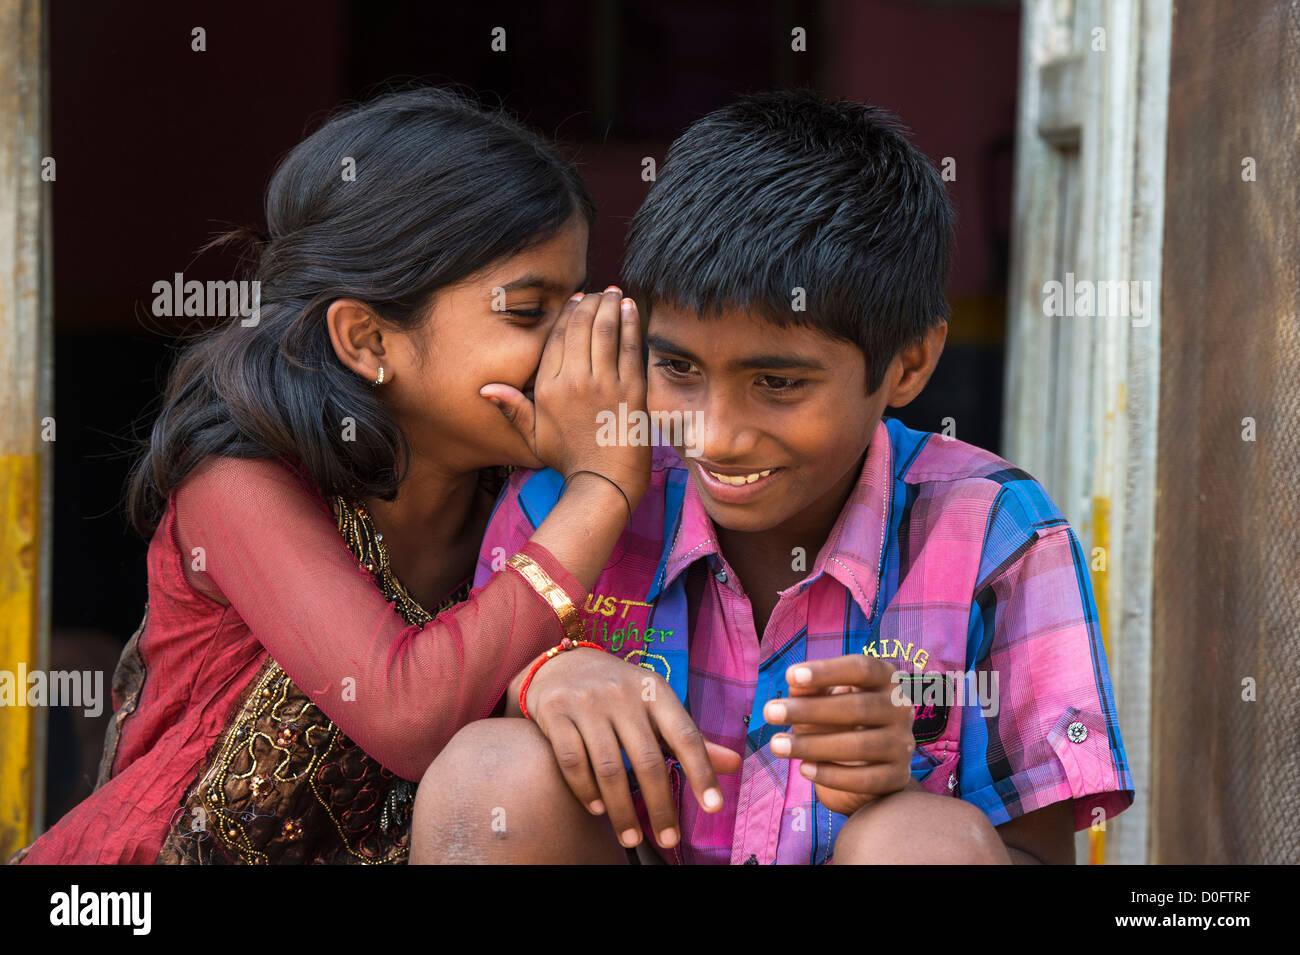 Jeune indienne chuchoter à un garçon à l'extérieur de leur maison de l'Inde rurale viilage. Photo Stock